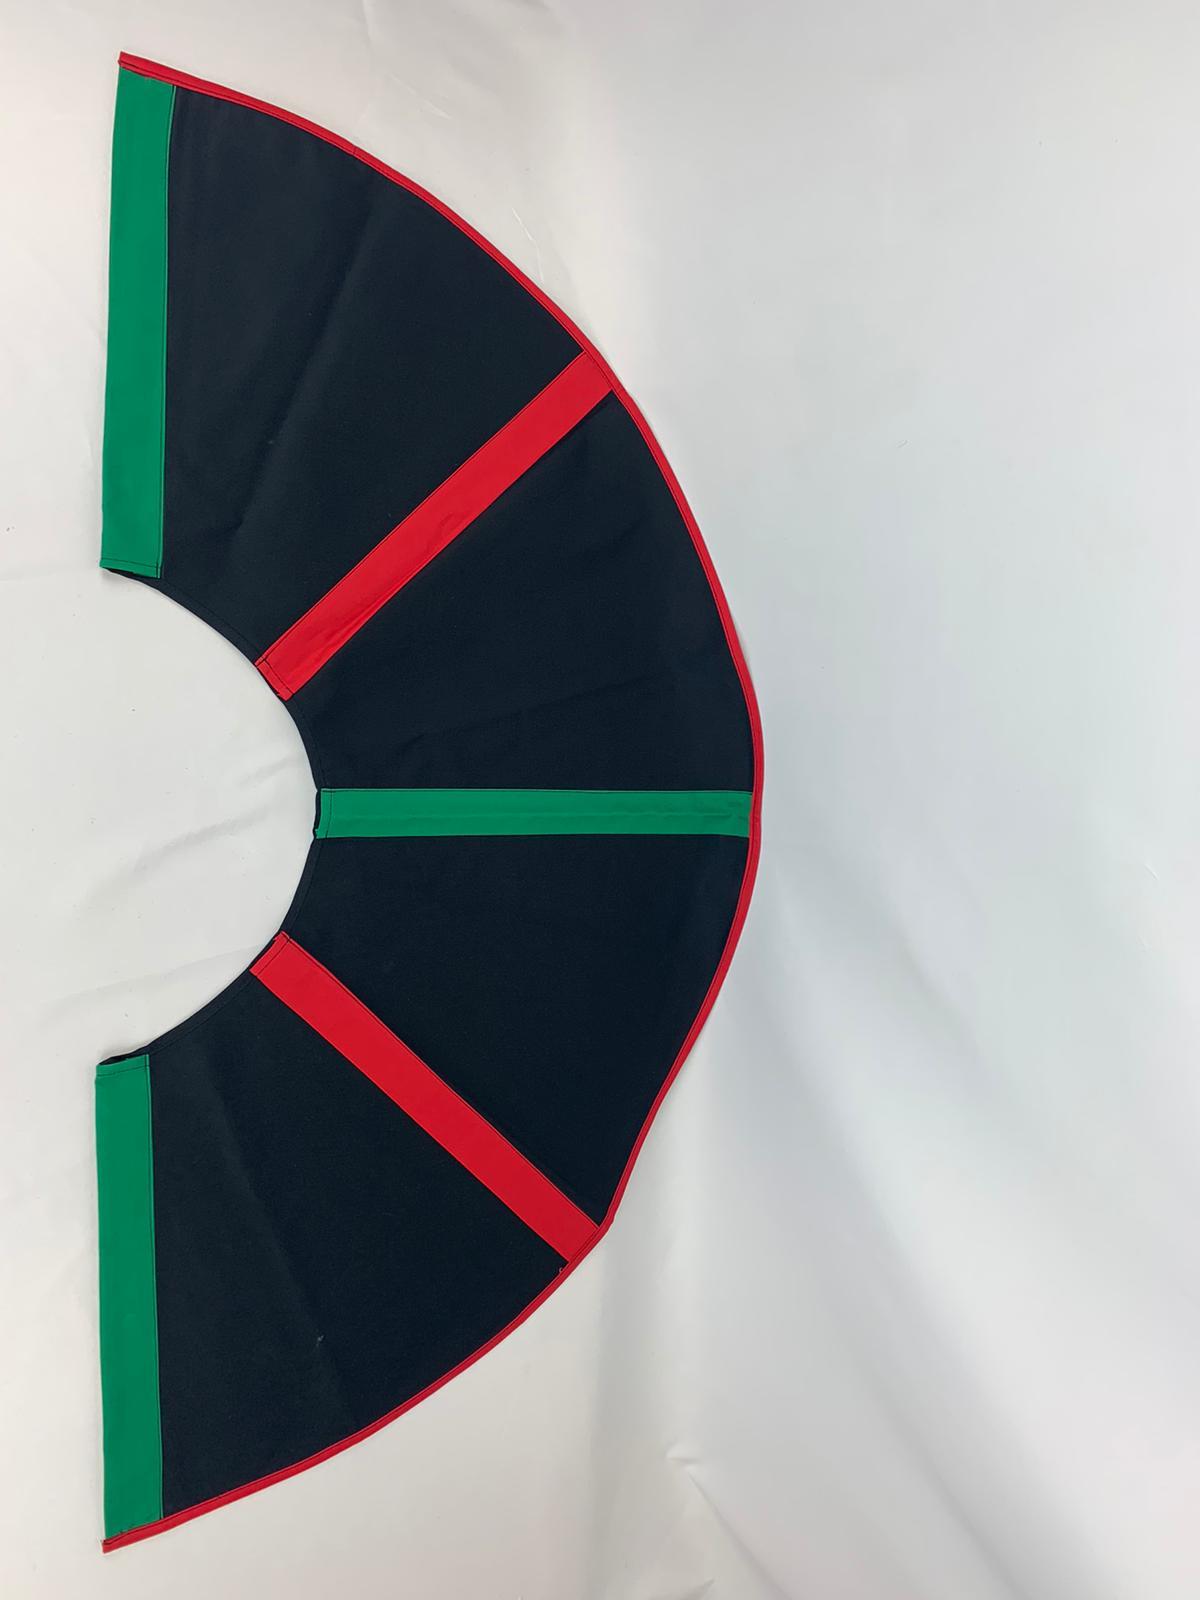 003-ES-AFS-OB   Ersatzstoff Aufgussfächer STANDARD Schwarz-Grün-Rot